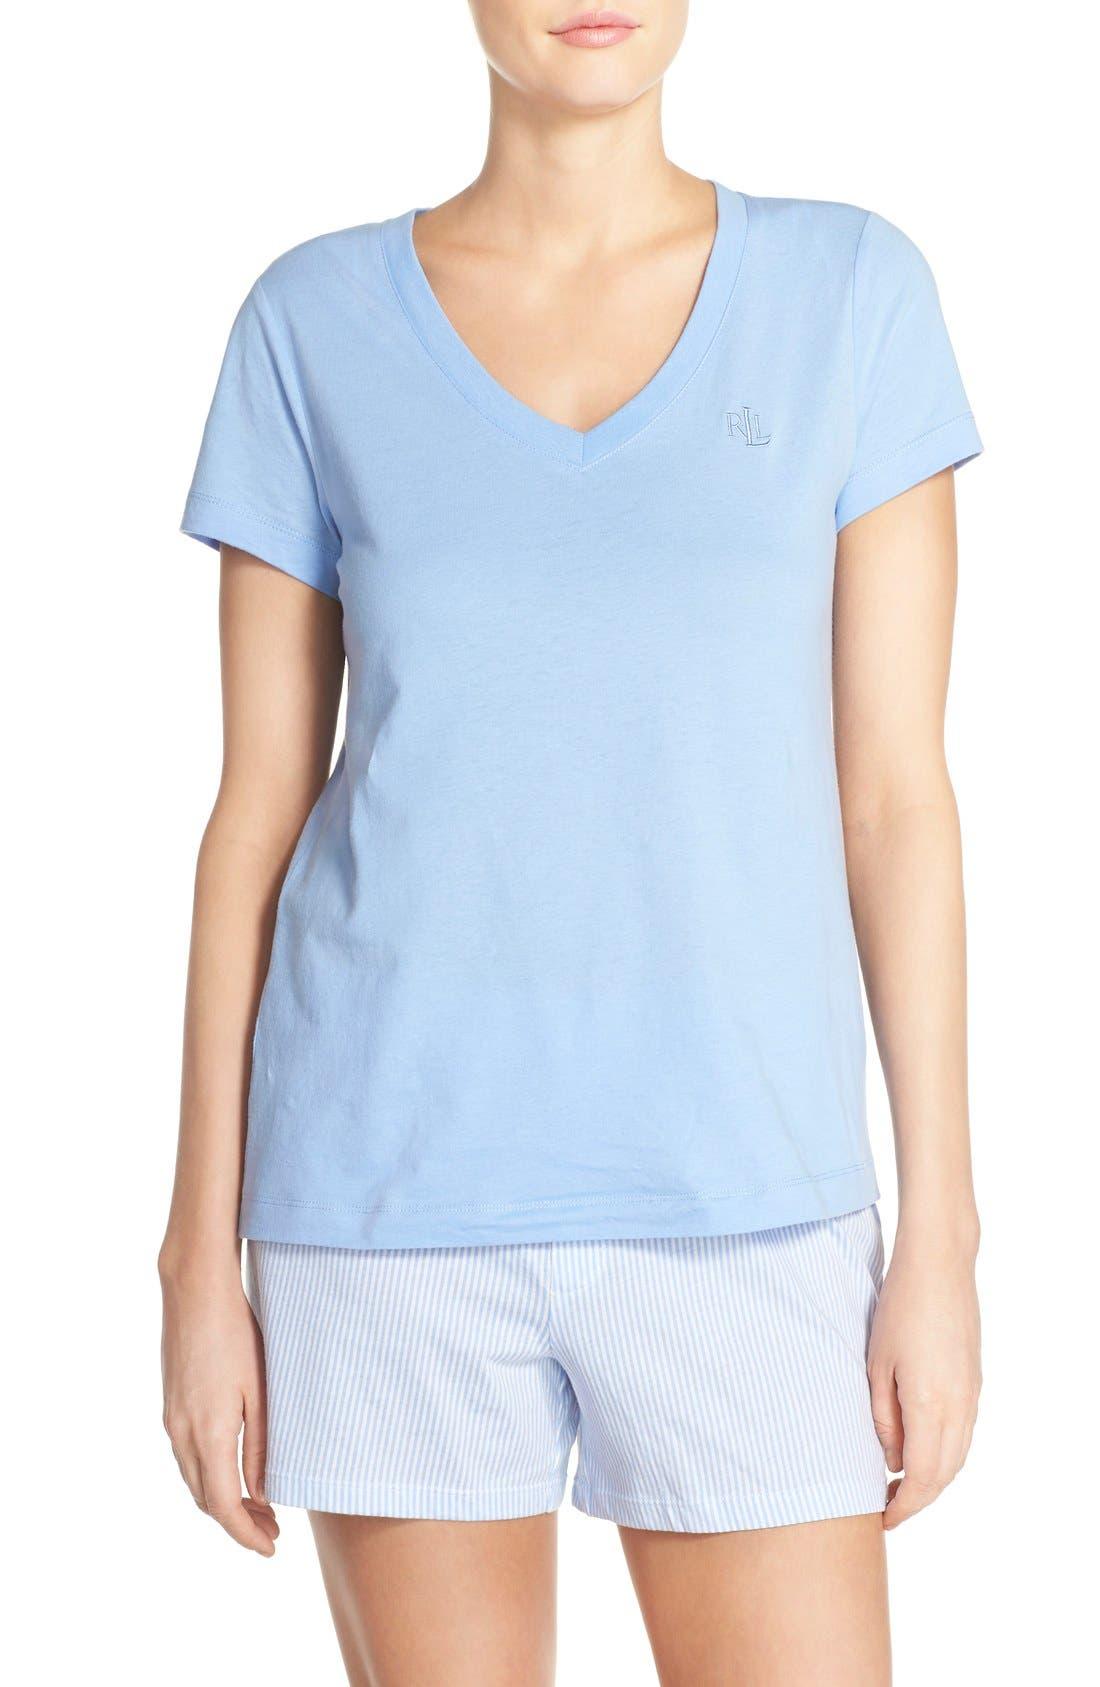 Main Image - Lauren by Ralph Lauren Sleepwear Short Sleeve Sleep Tee